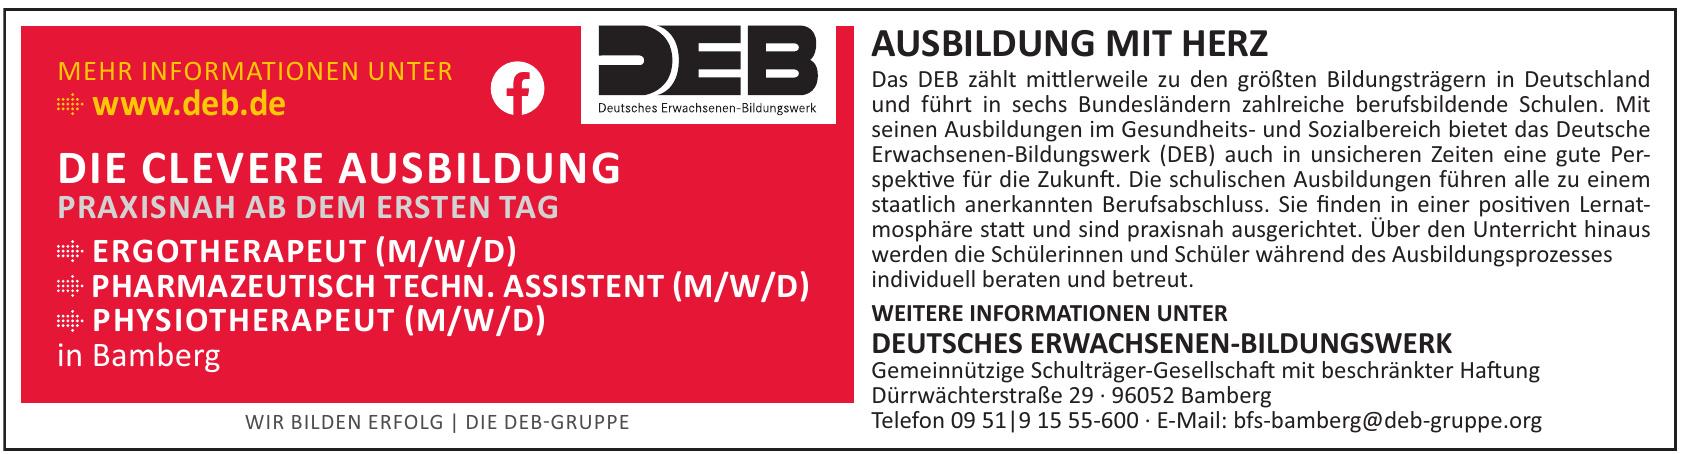 DEB Deutsches Erwachsenen-Bildungswerk